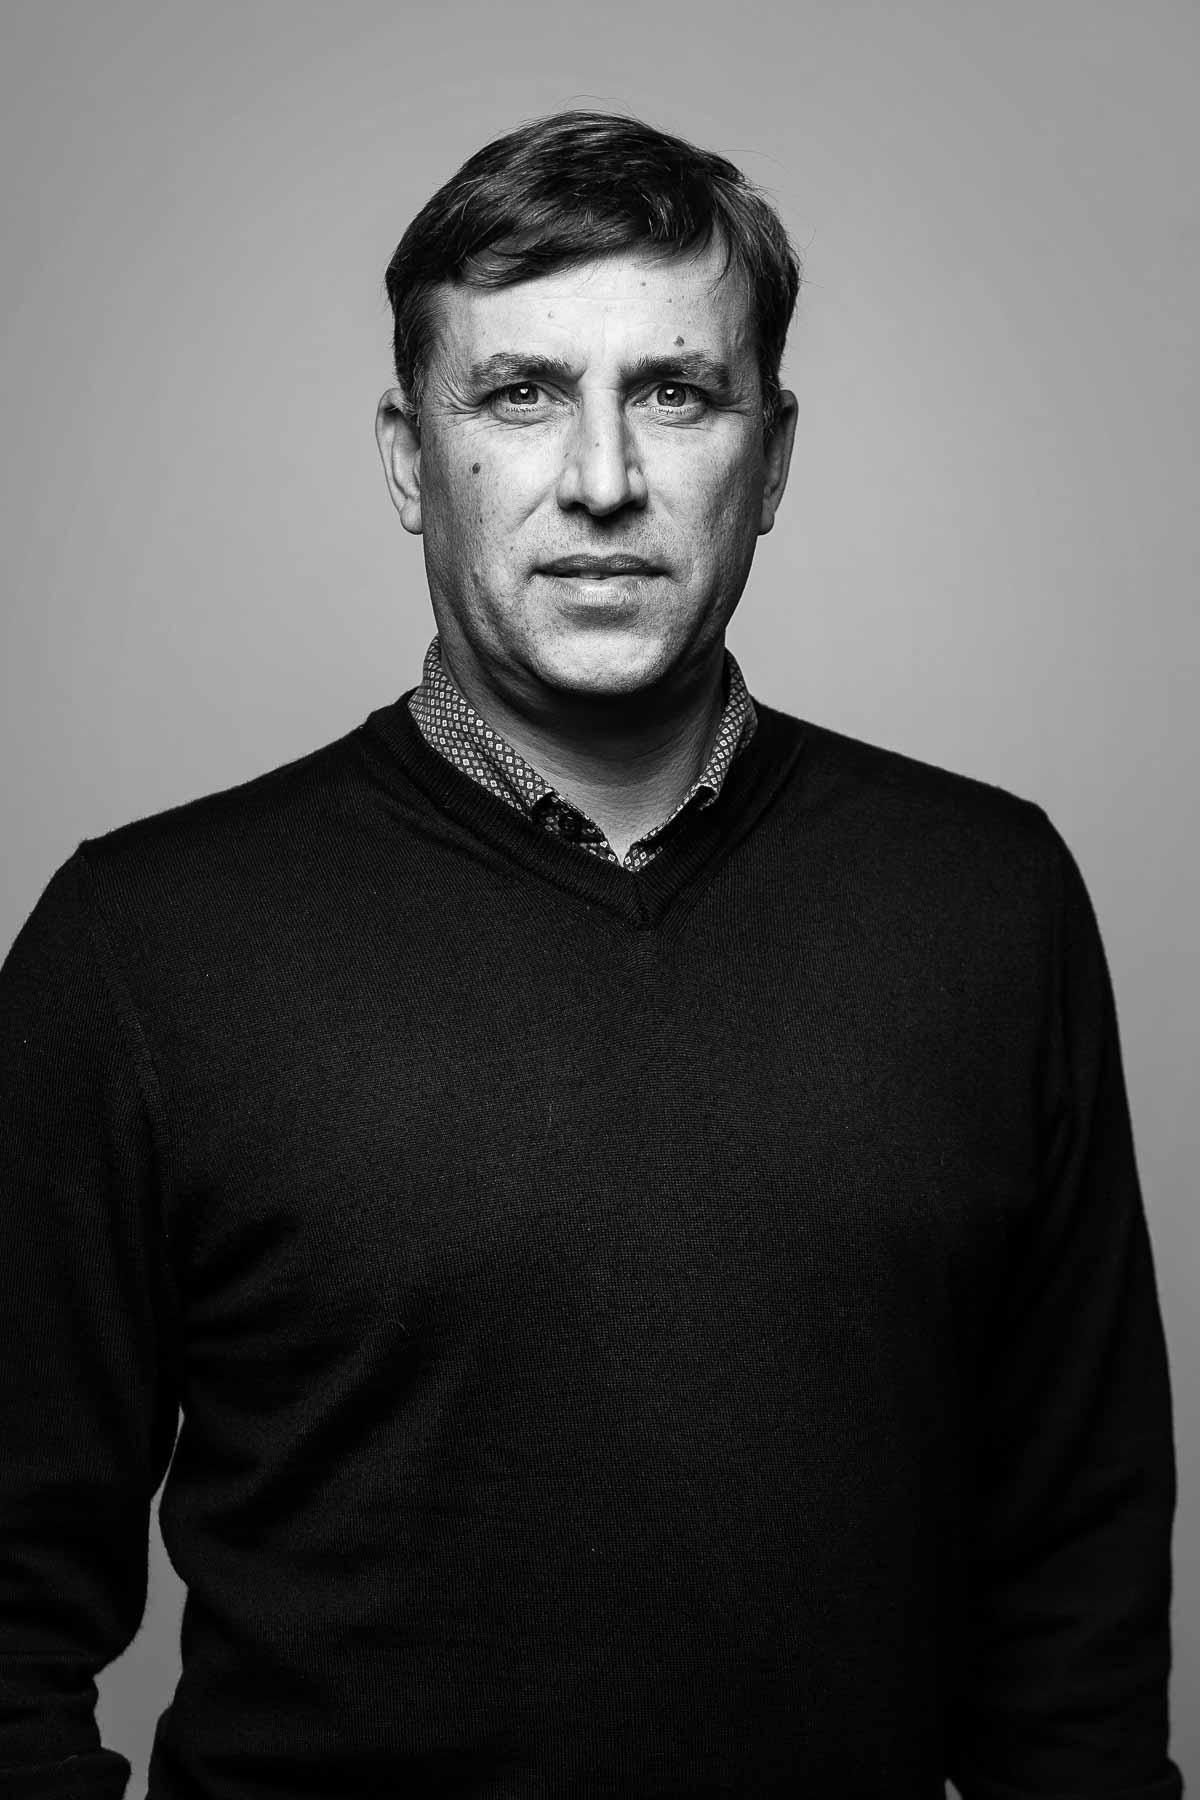 Erhvervsportræt erhvervs portræt - linkedin foto naturligt portræt